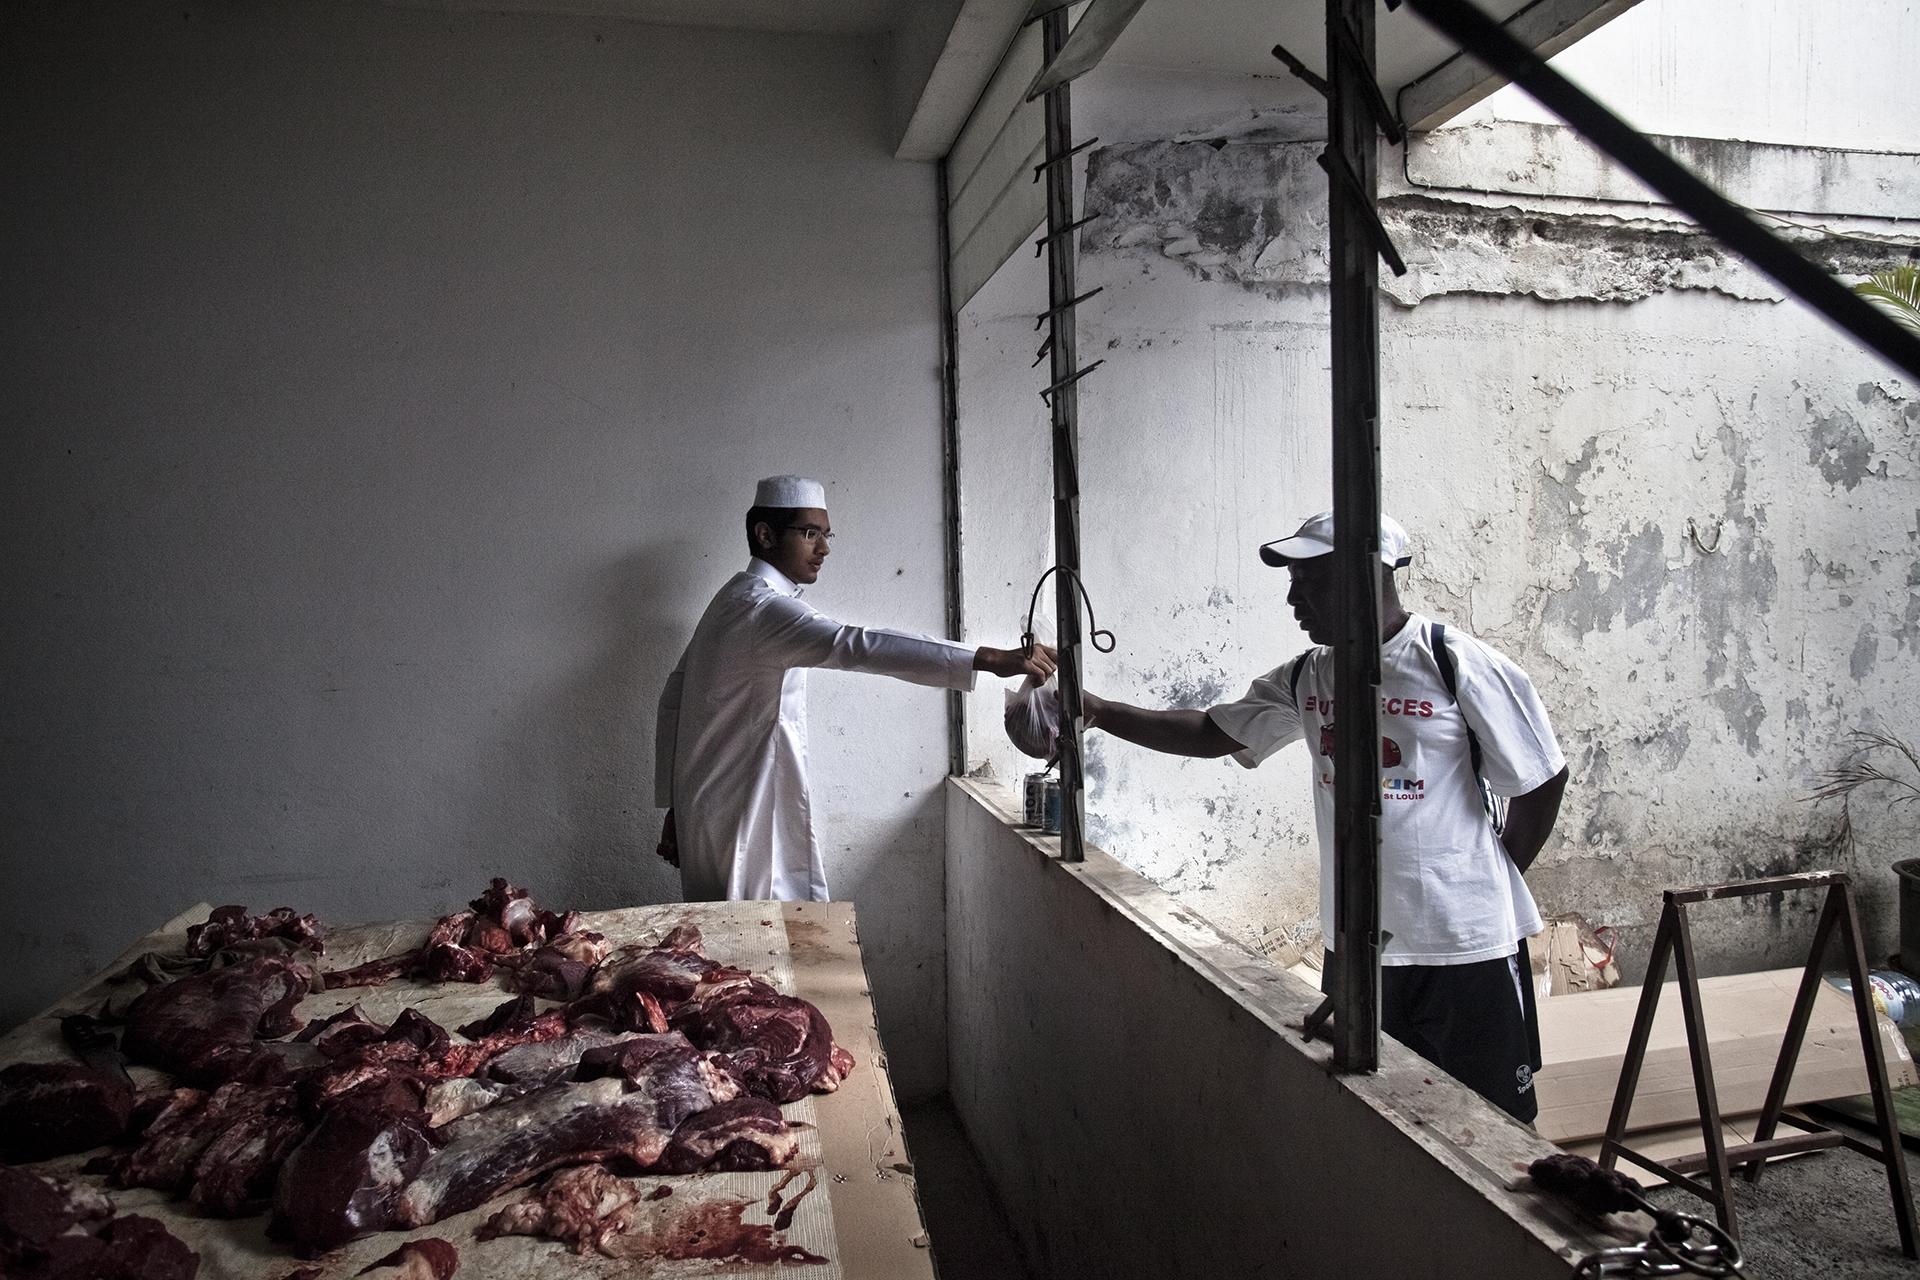 Saint-Pierre, Ile de la Réunion. Octobre 2012.Après la cérémonie, la viande du boeuf sacrifié est distribuée à la famille et aux personnes nécessiteuses.